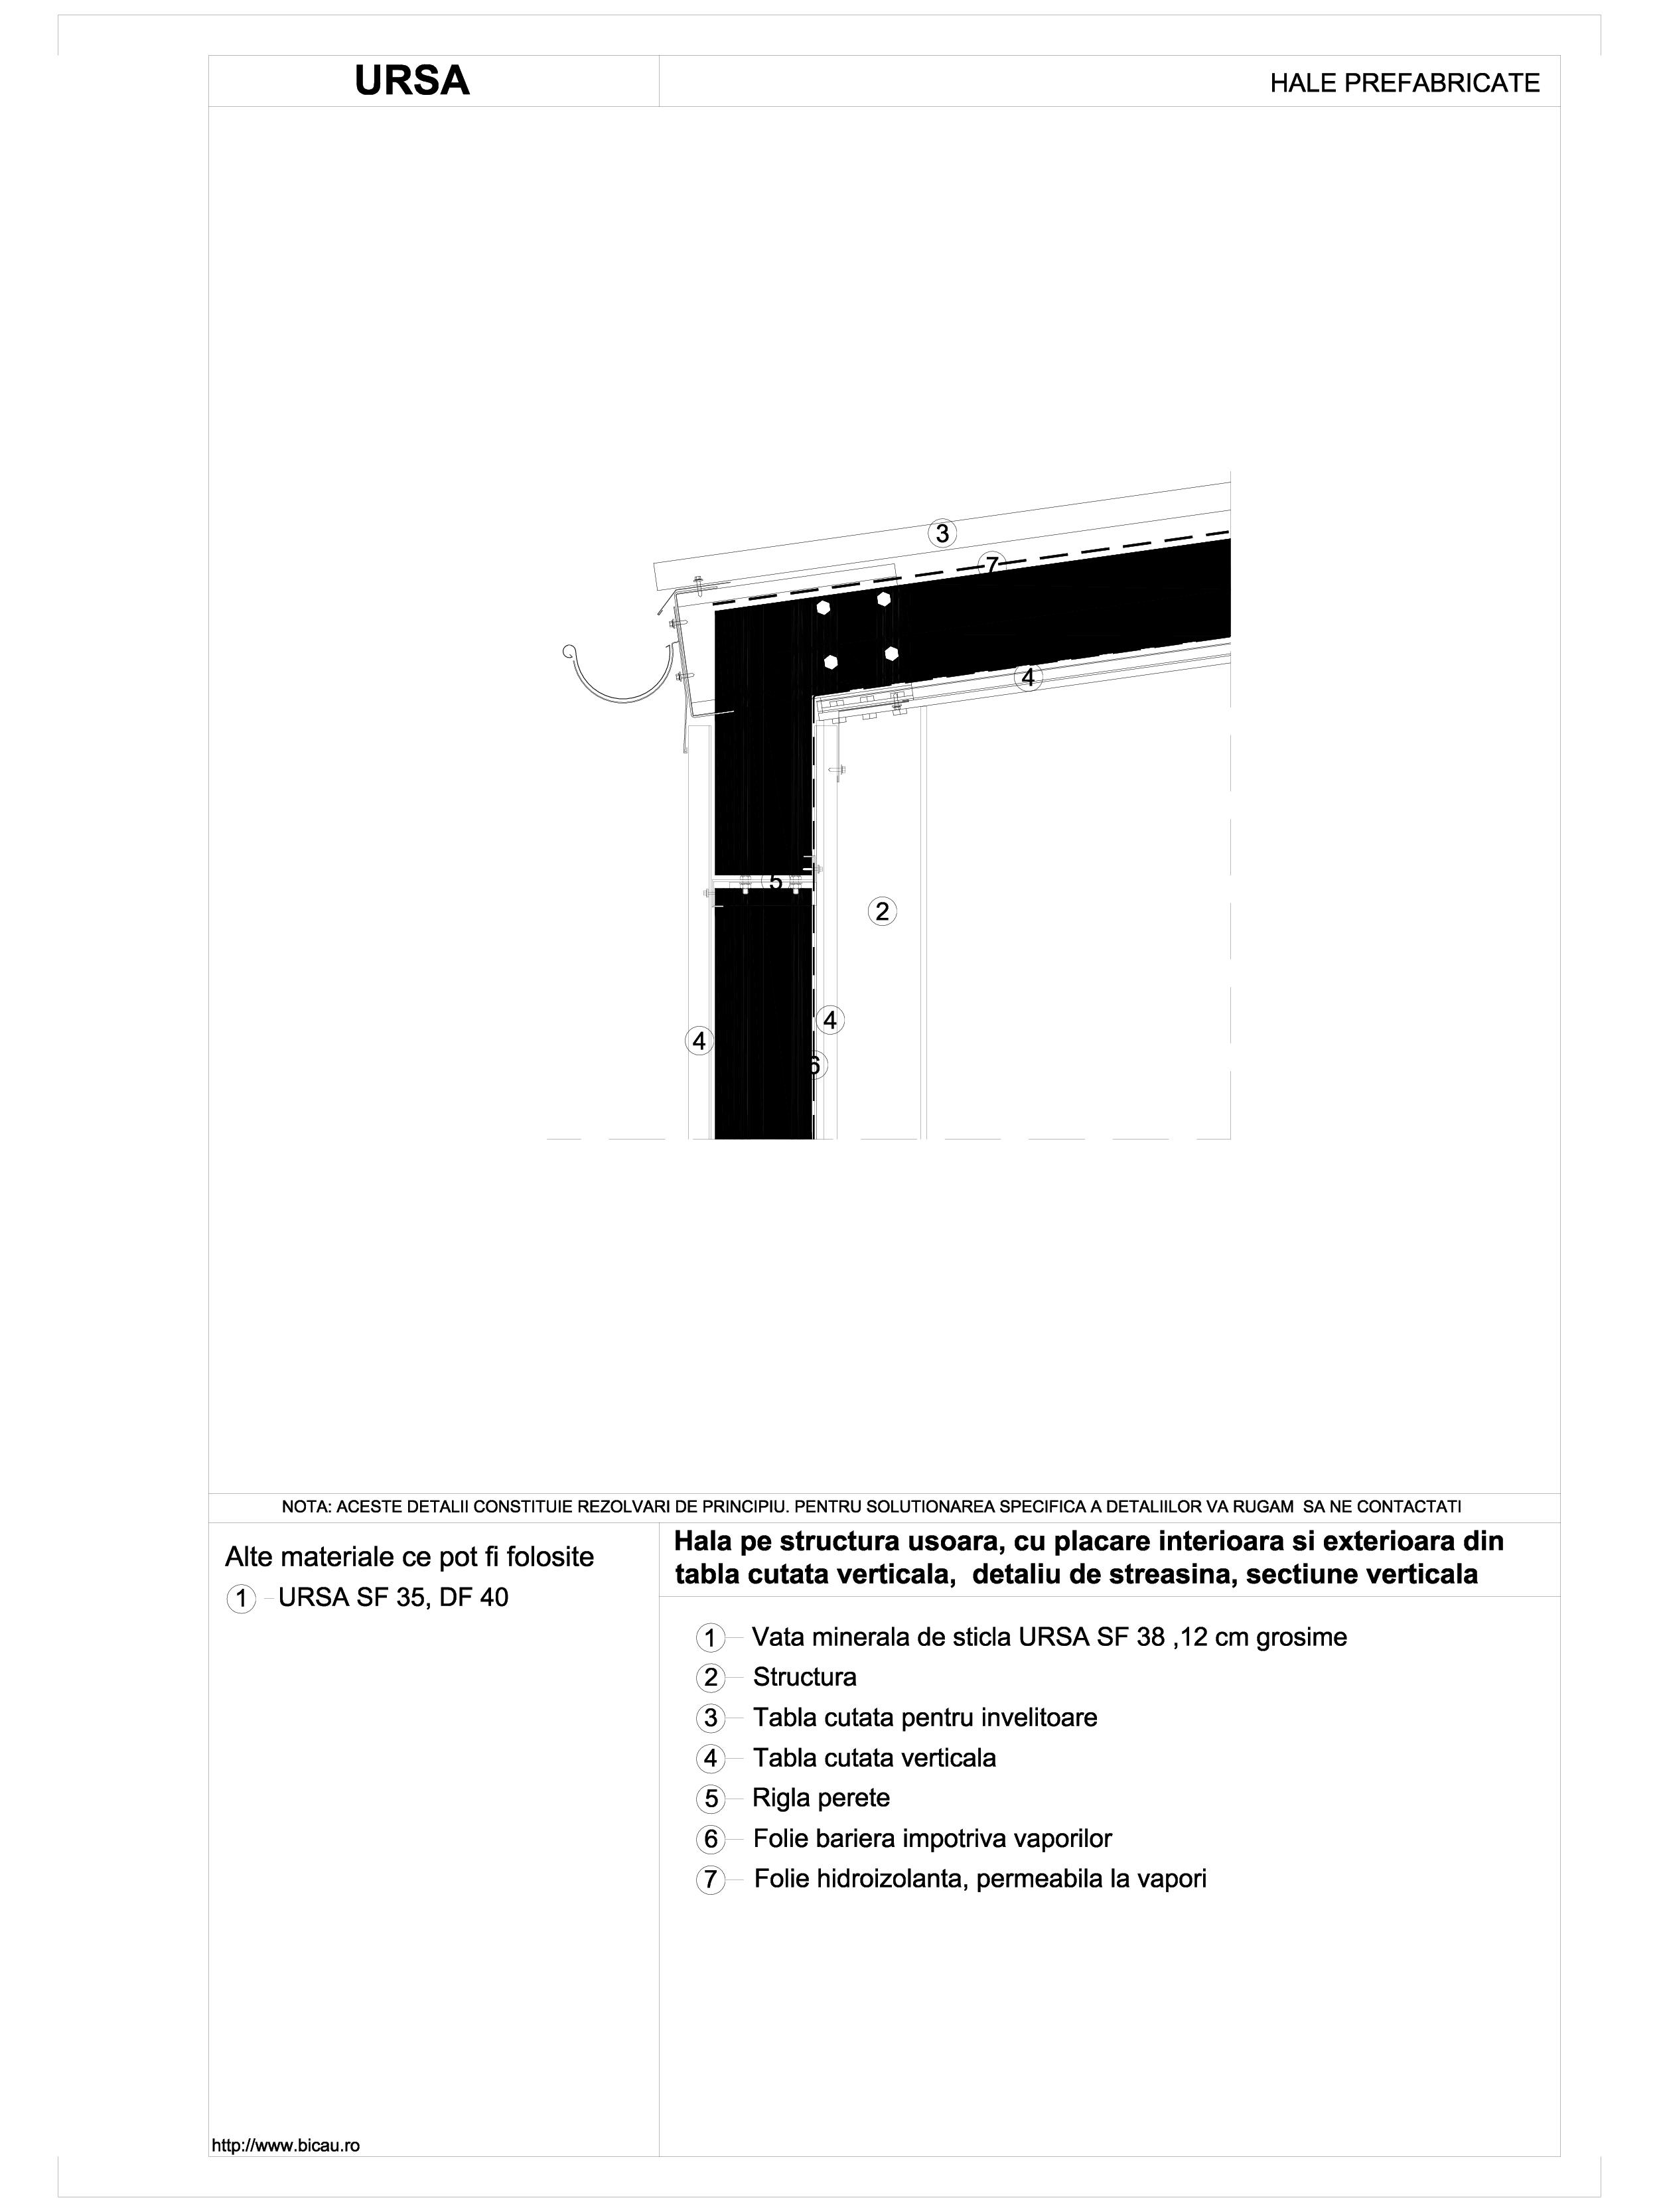 Hala pe structura usoara, cu placare interioara si exterioara din tabla cutata verticala, detaliu de streasina, sectiune verticala URSA Vata minerala pentru fatade neventilate si hale prefabricate URSA ROMANIA   - Pagina 1